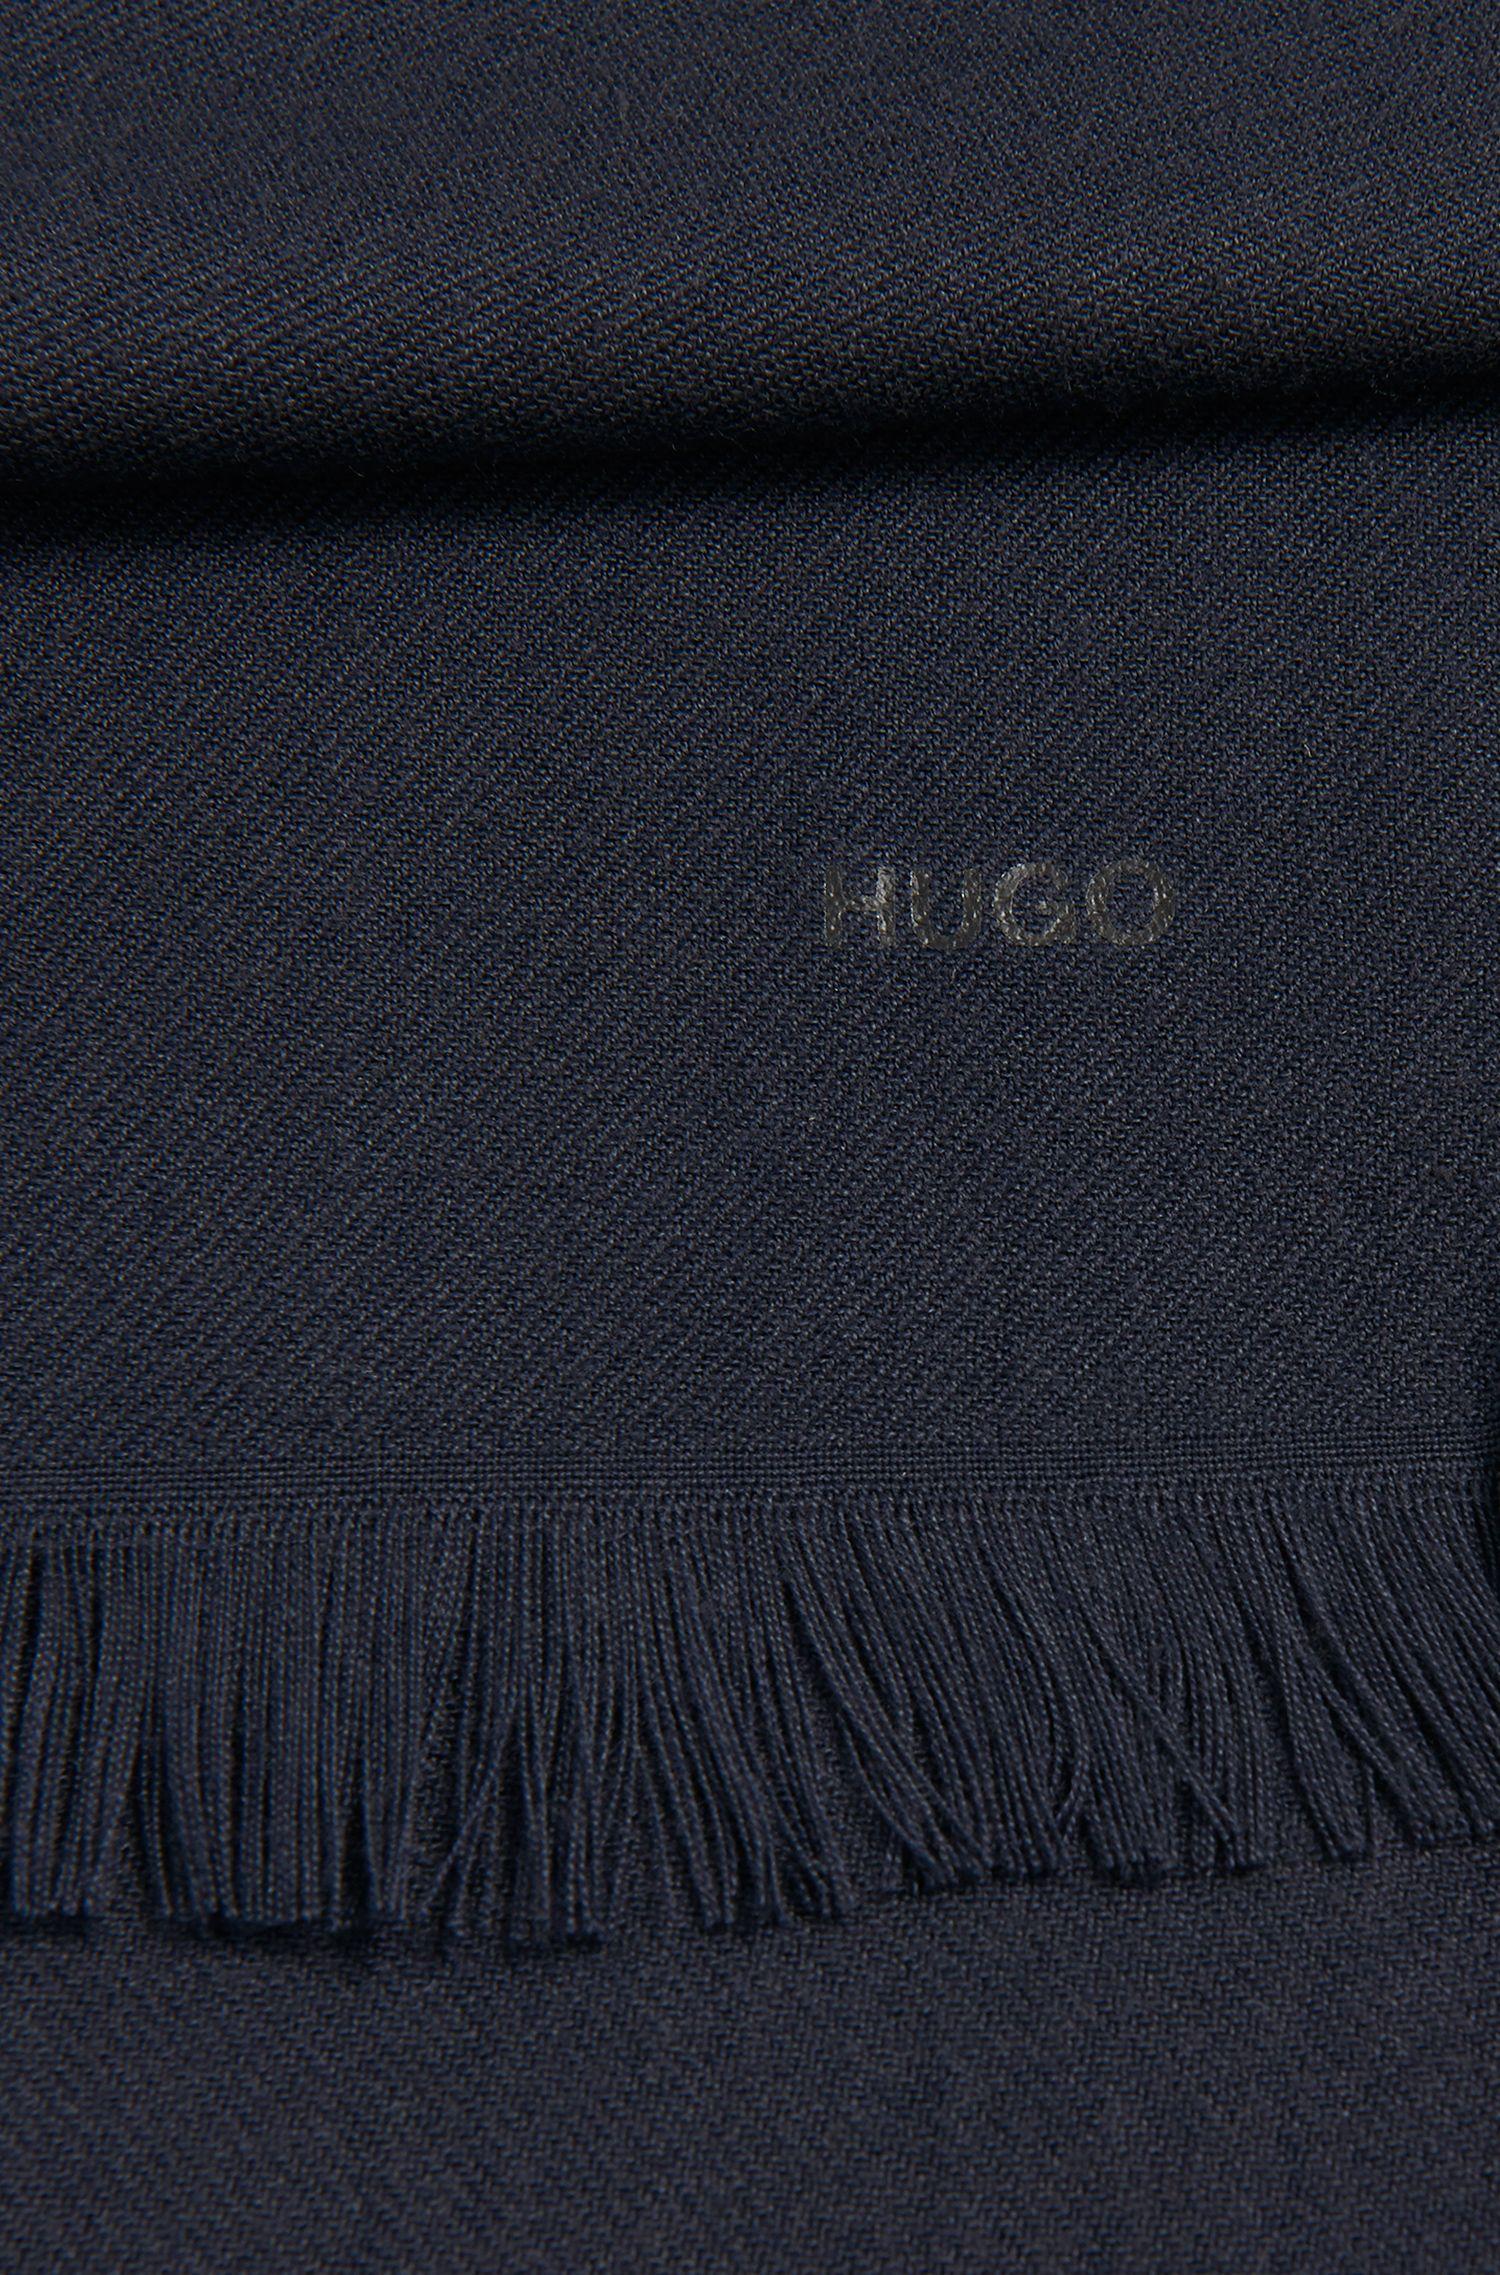 Sjaal: 'Men-Z 399'